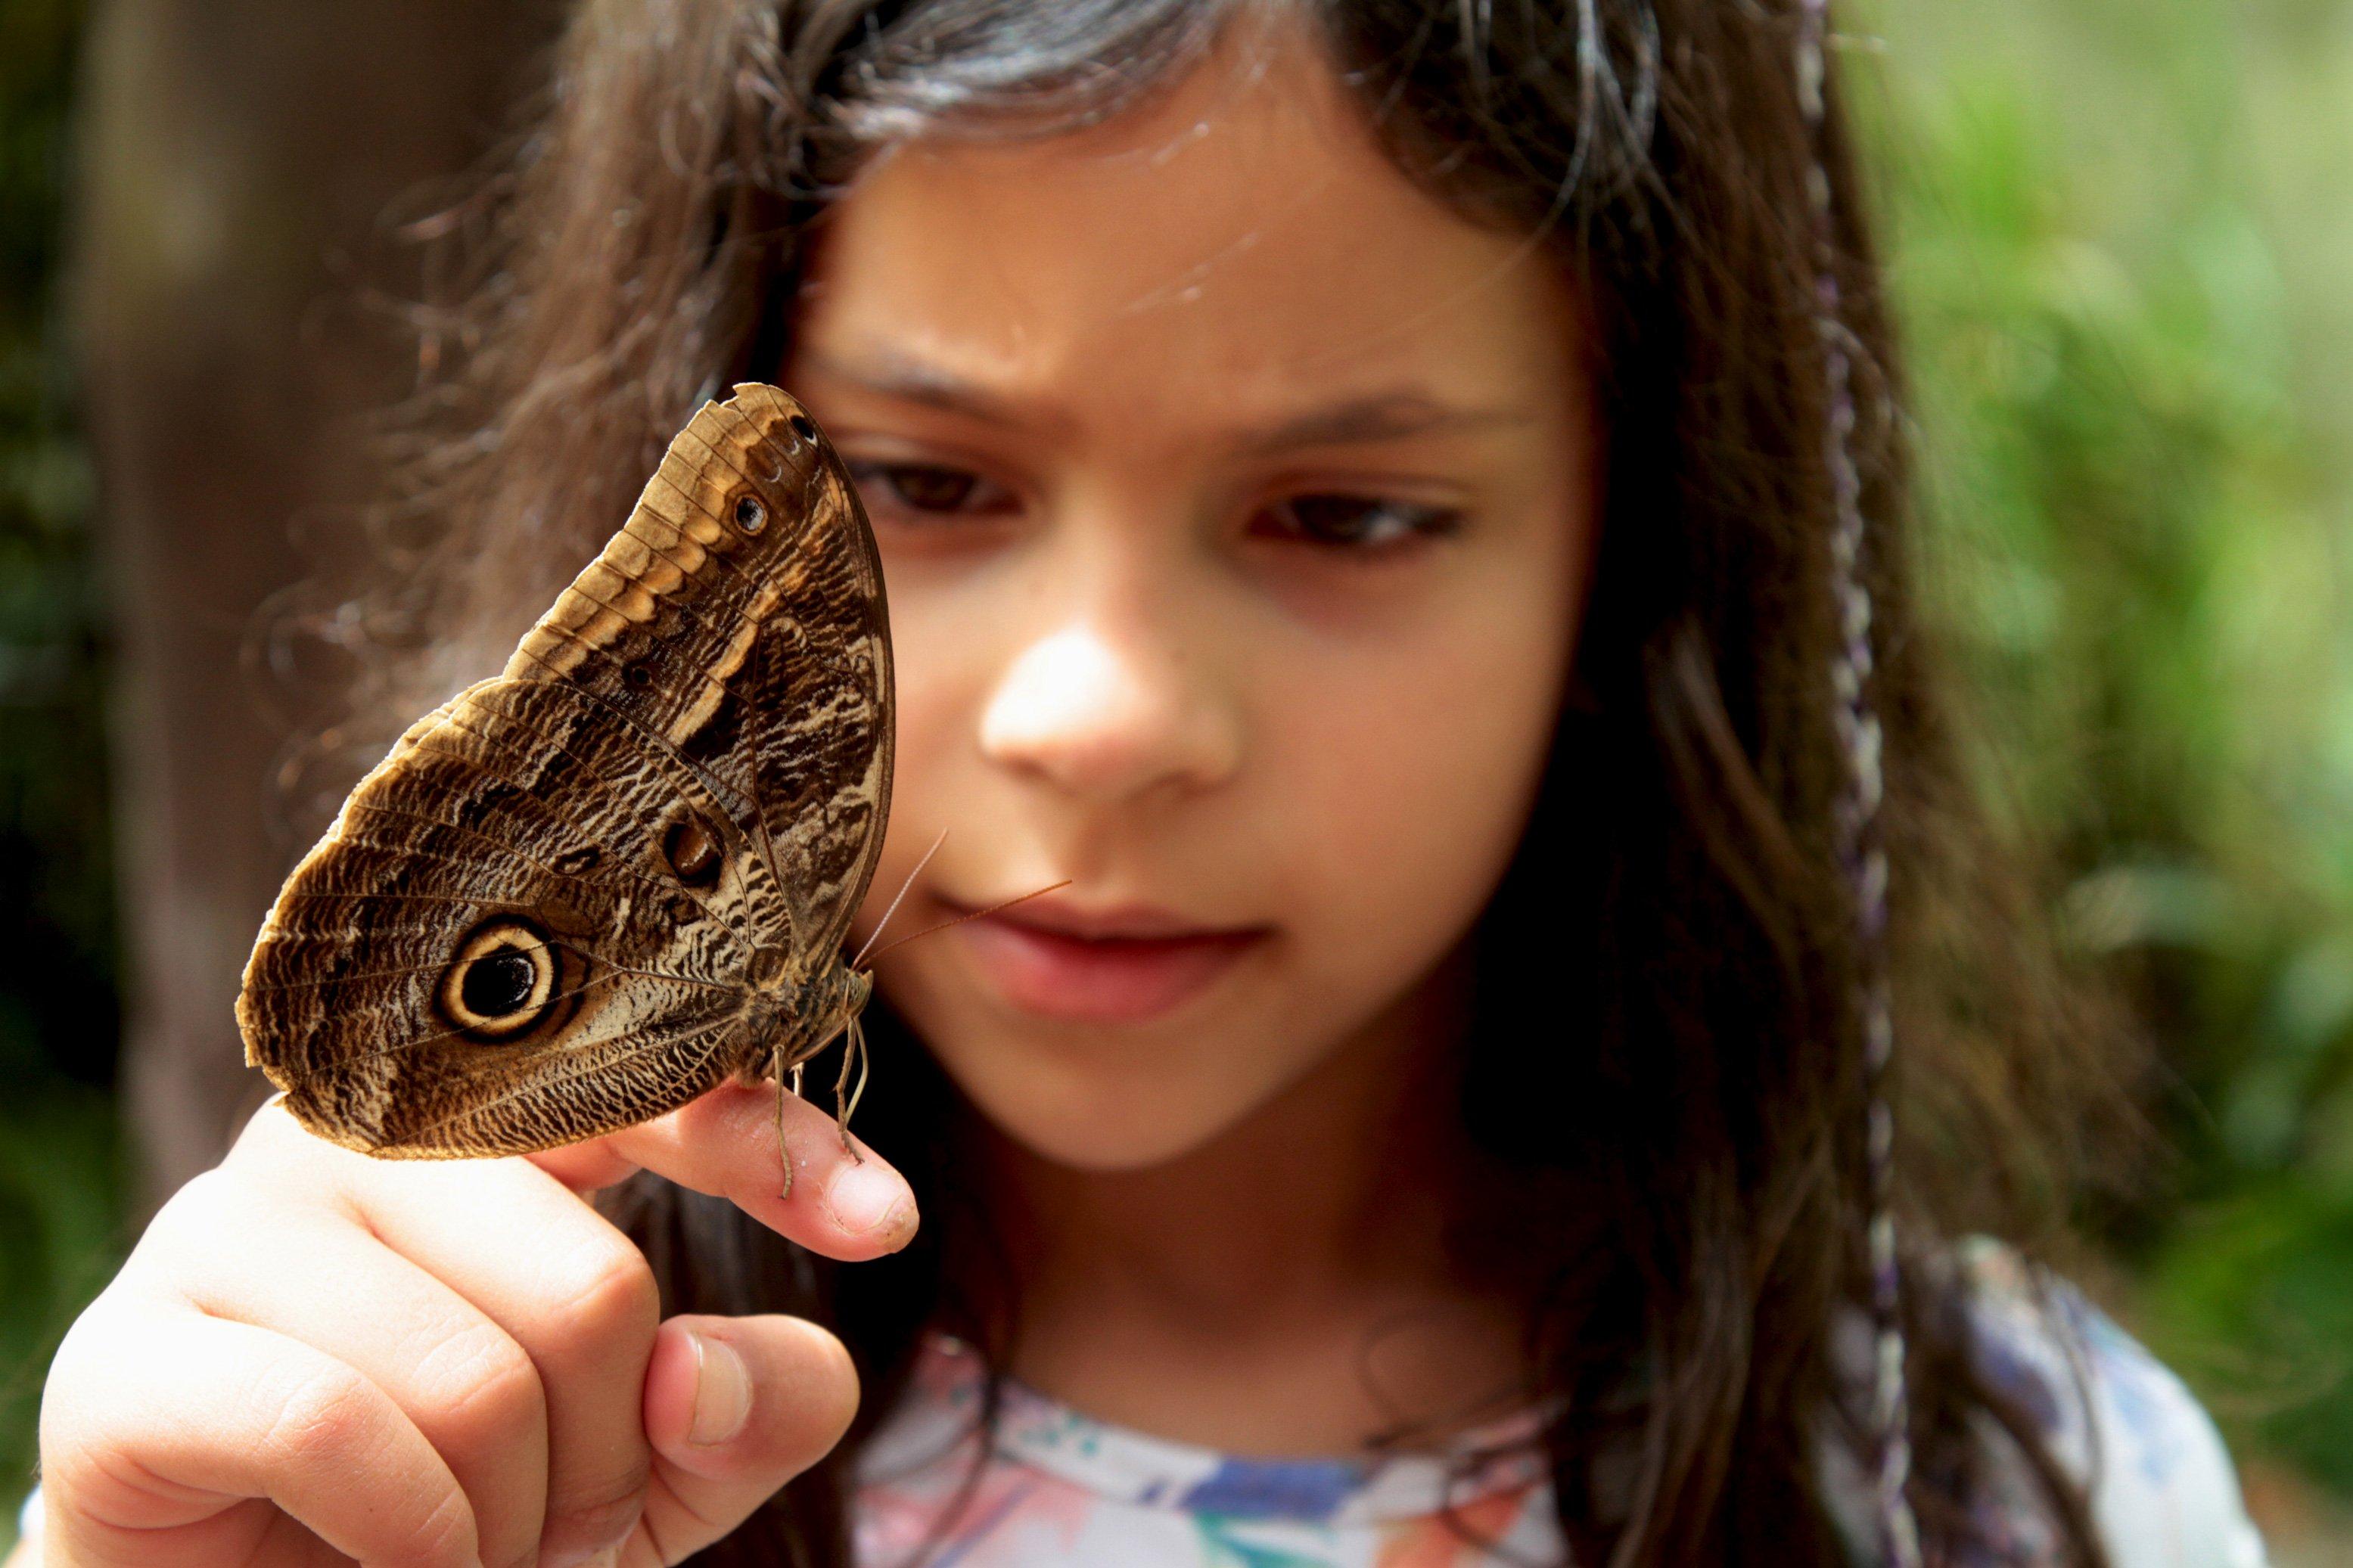 menina com borboleta na mão no acampamento de férias